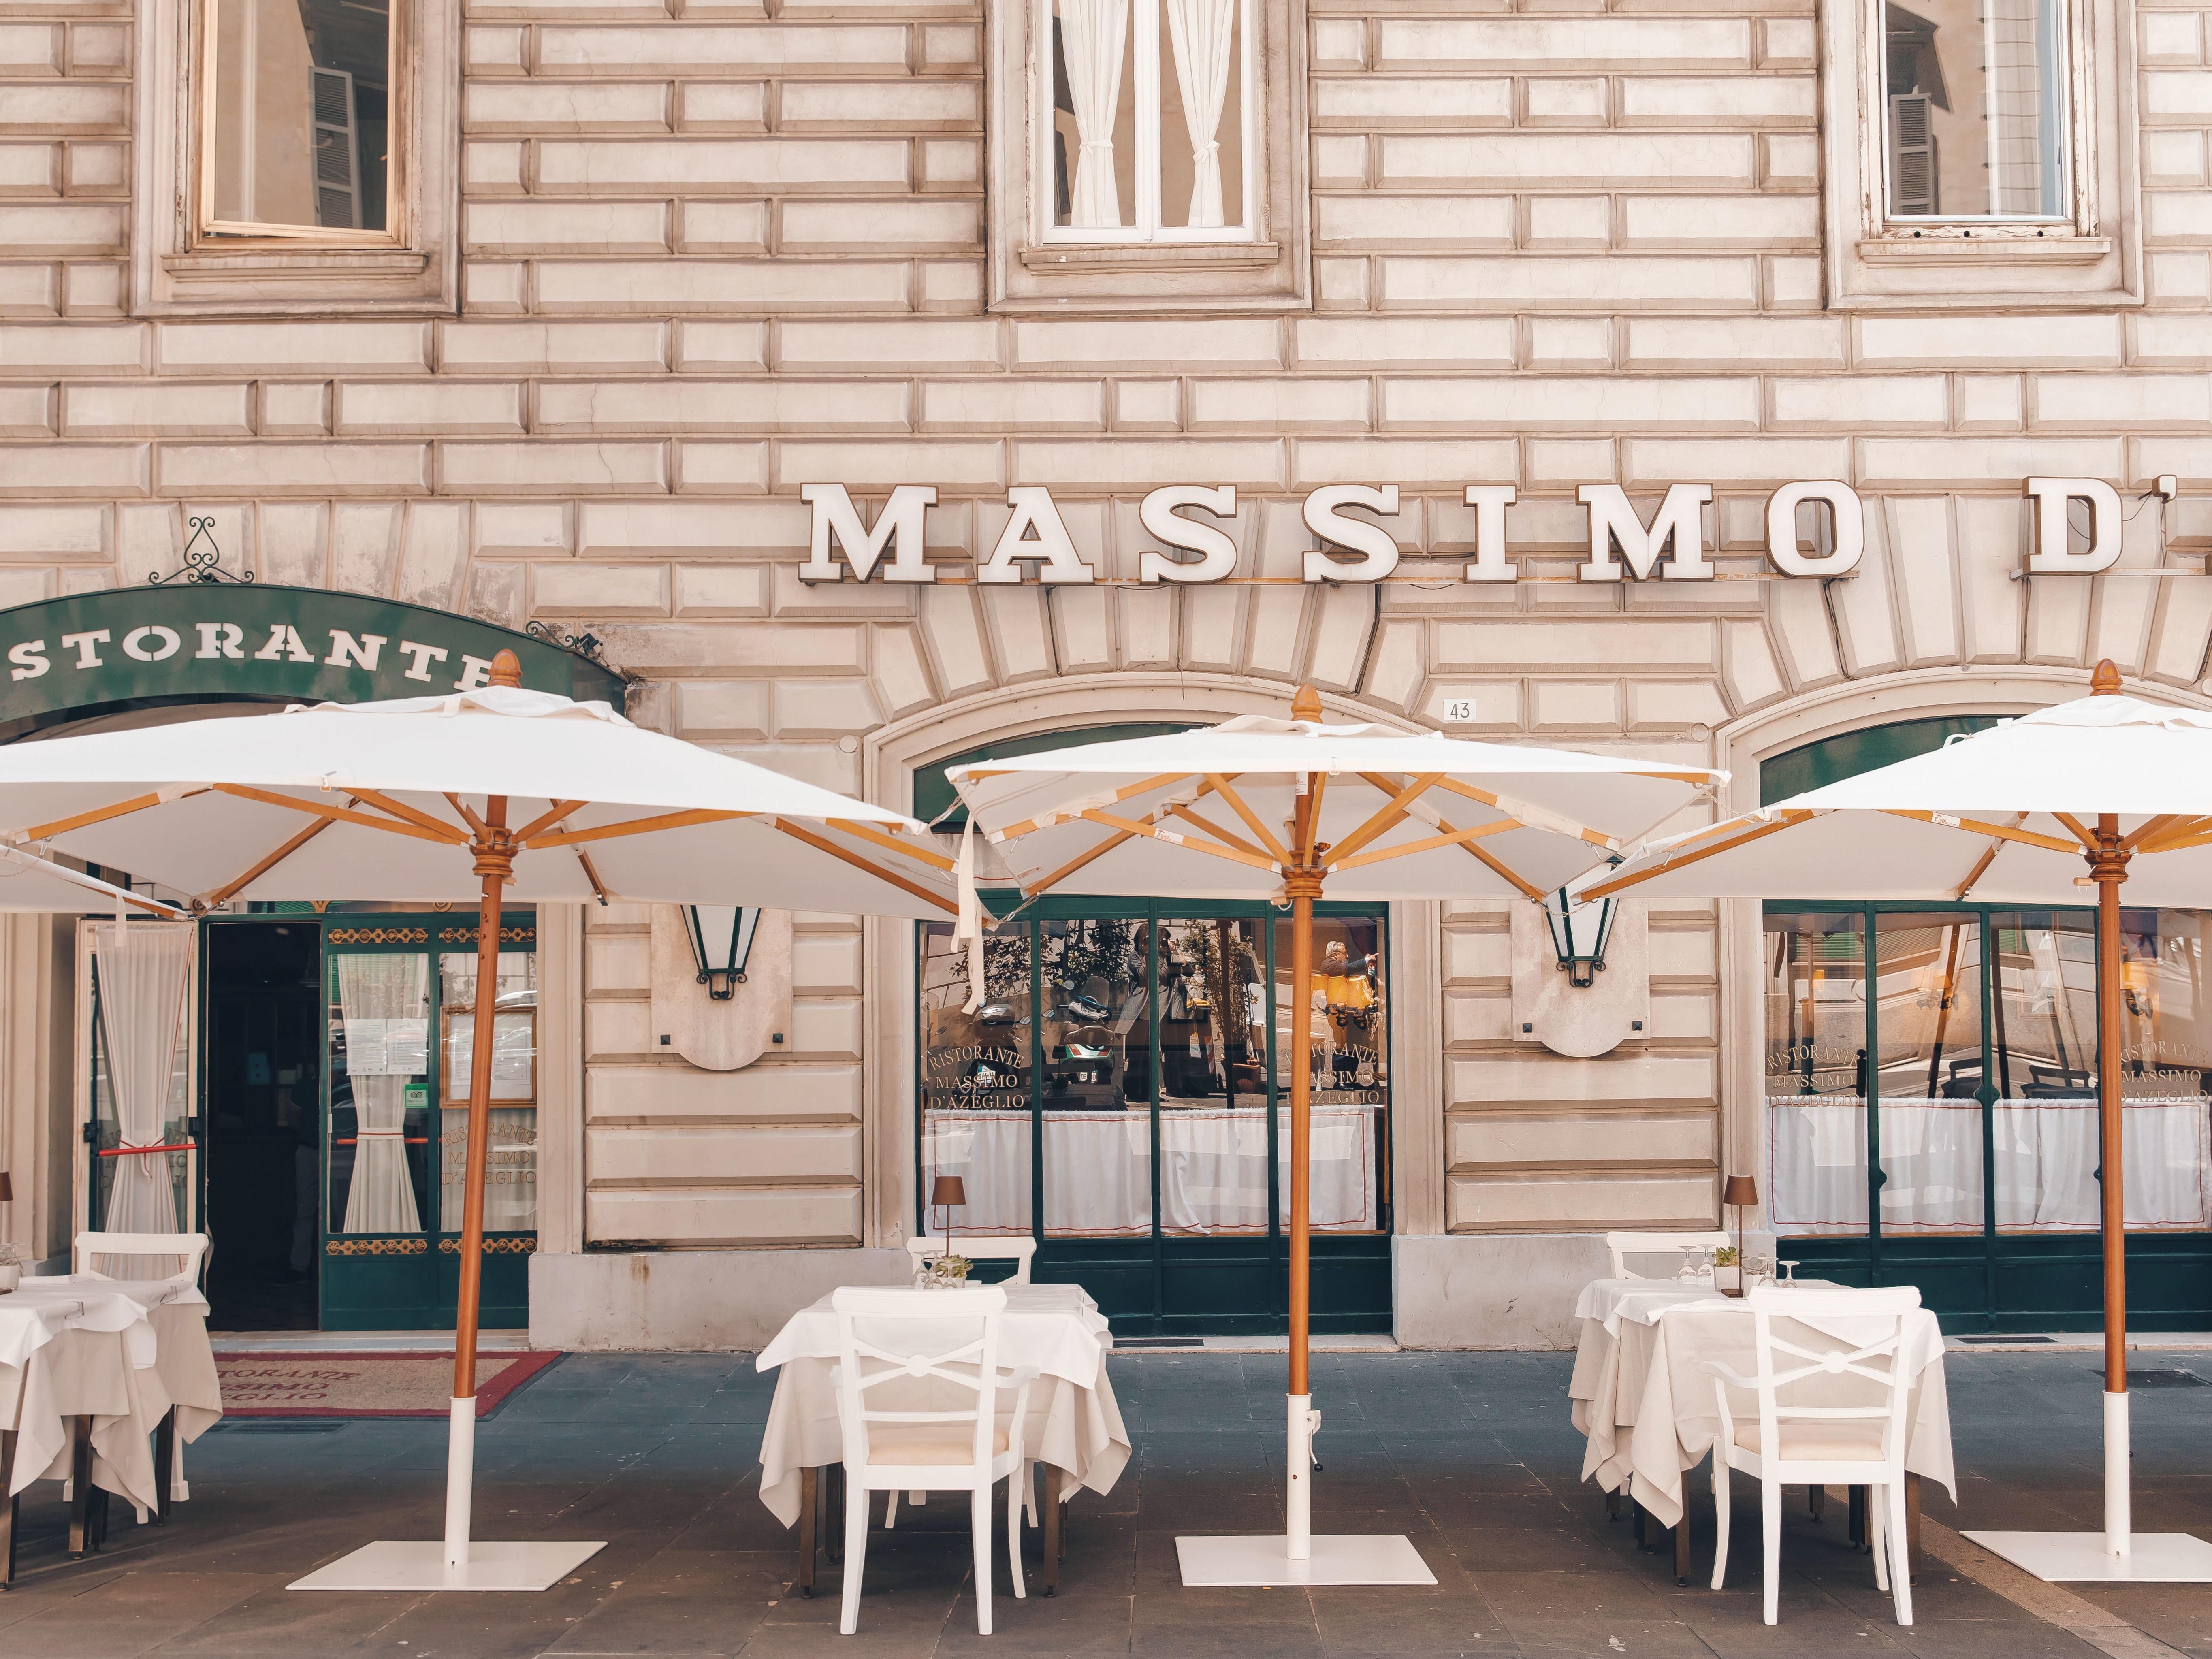 Bettoja Wine Cellar in Bettoja Hotel Massimo D'Azeglio